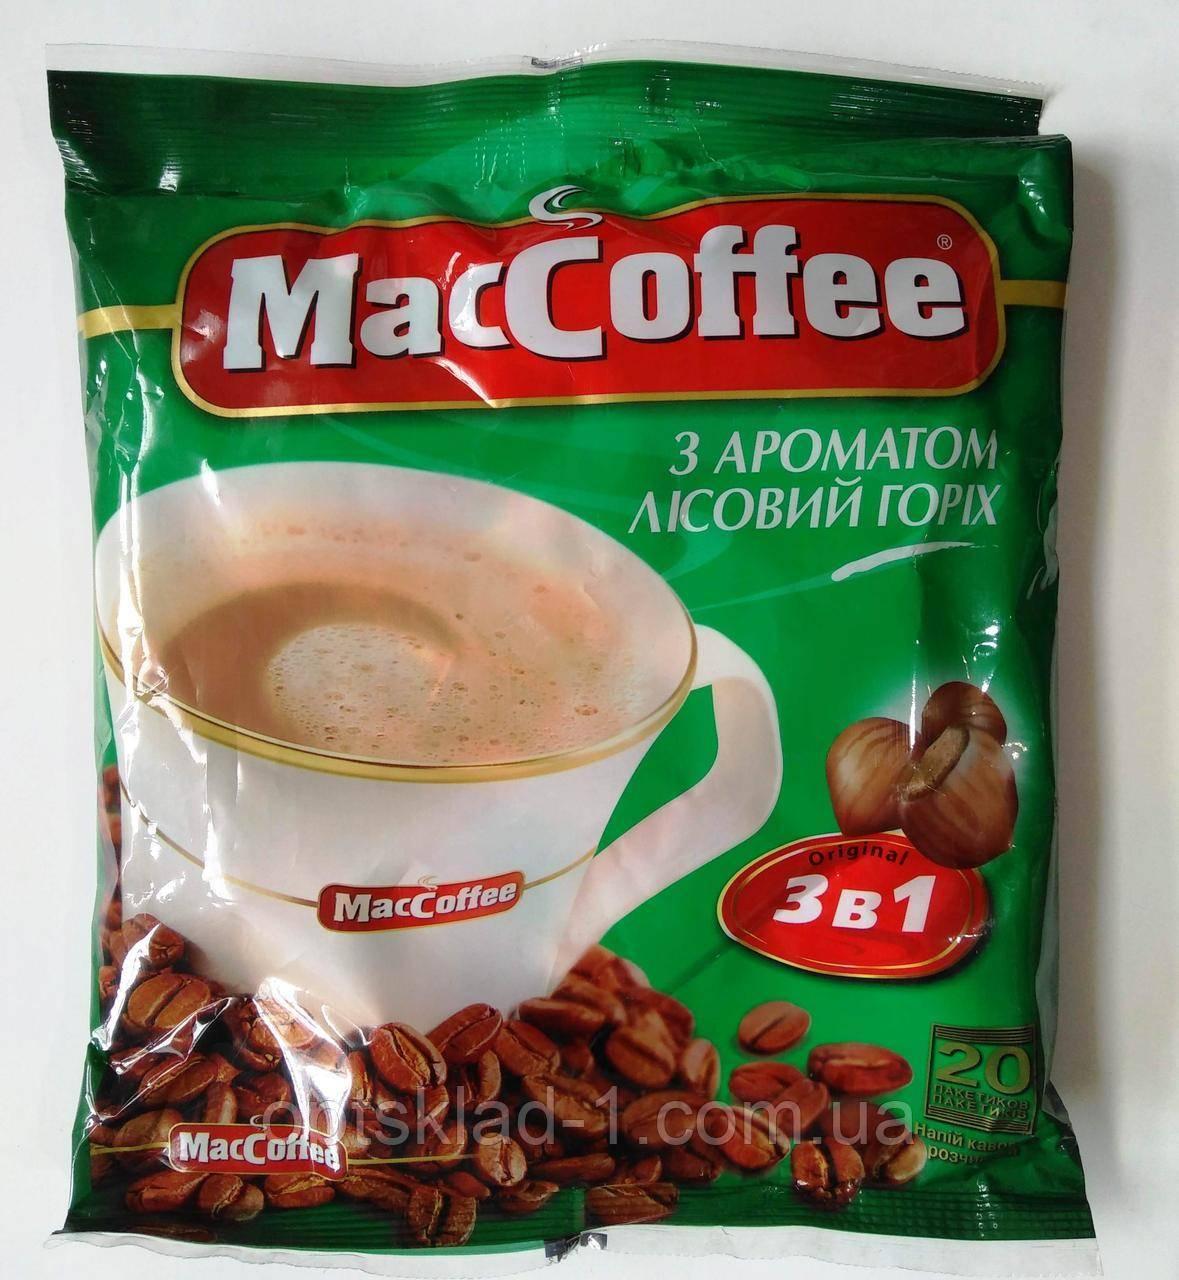 Кофе макдональдс и его разновидности, качество напитка, поставщики и марка зерен